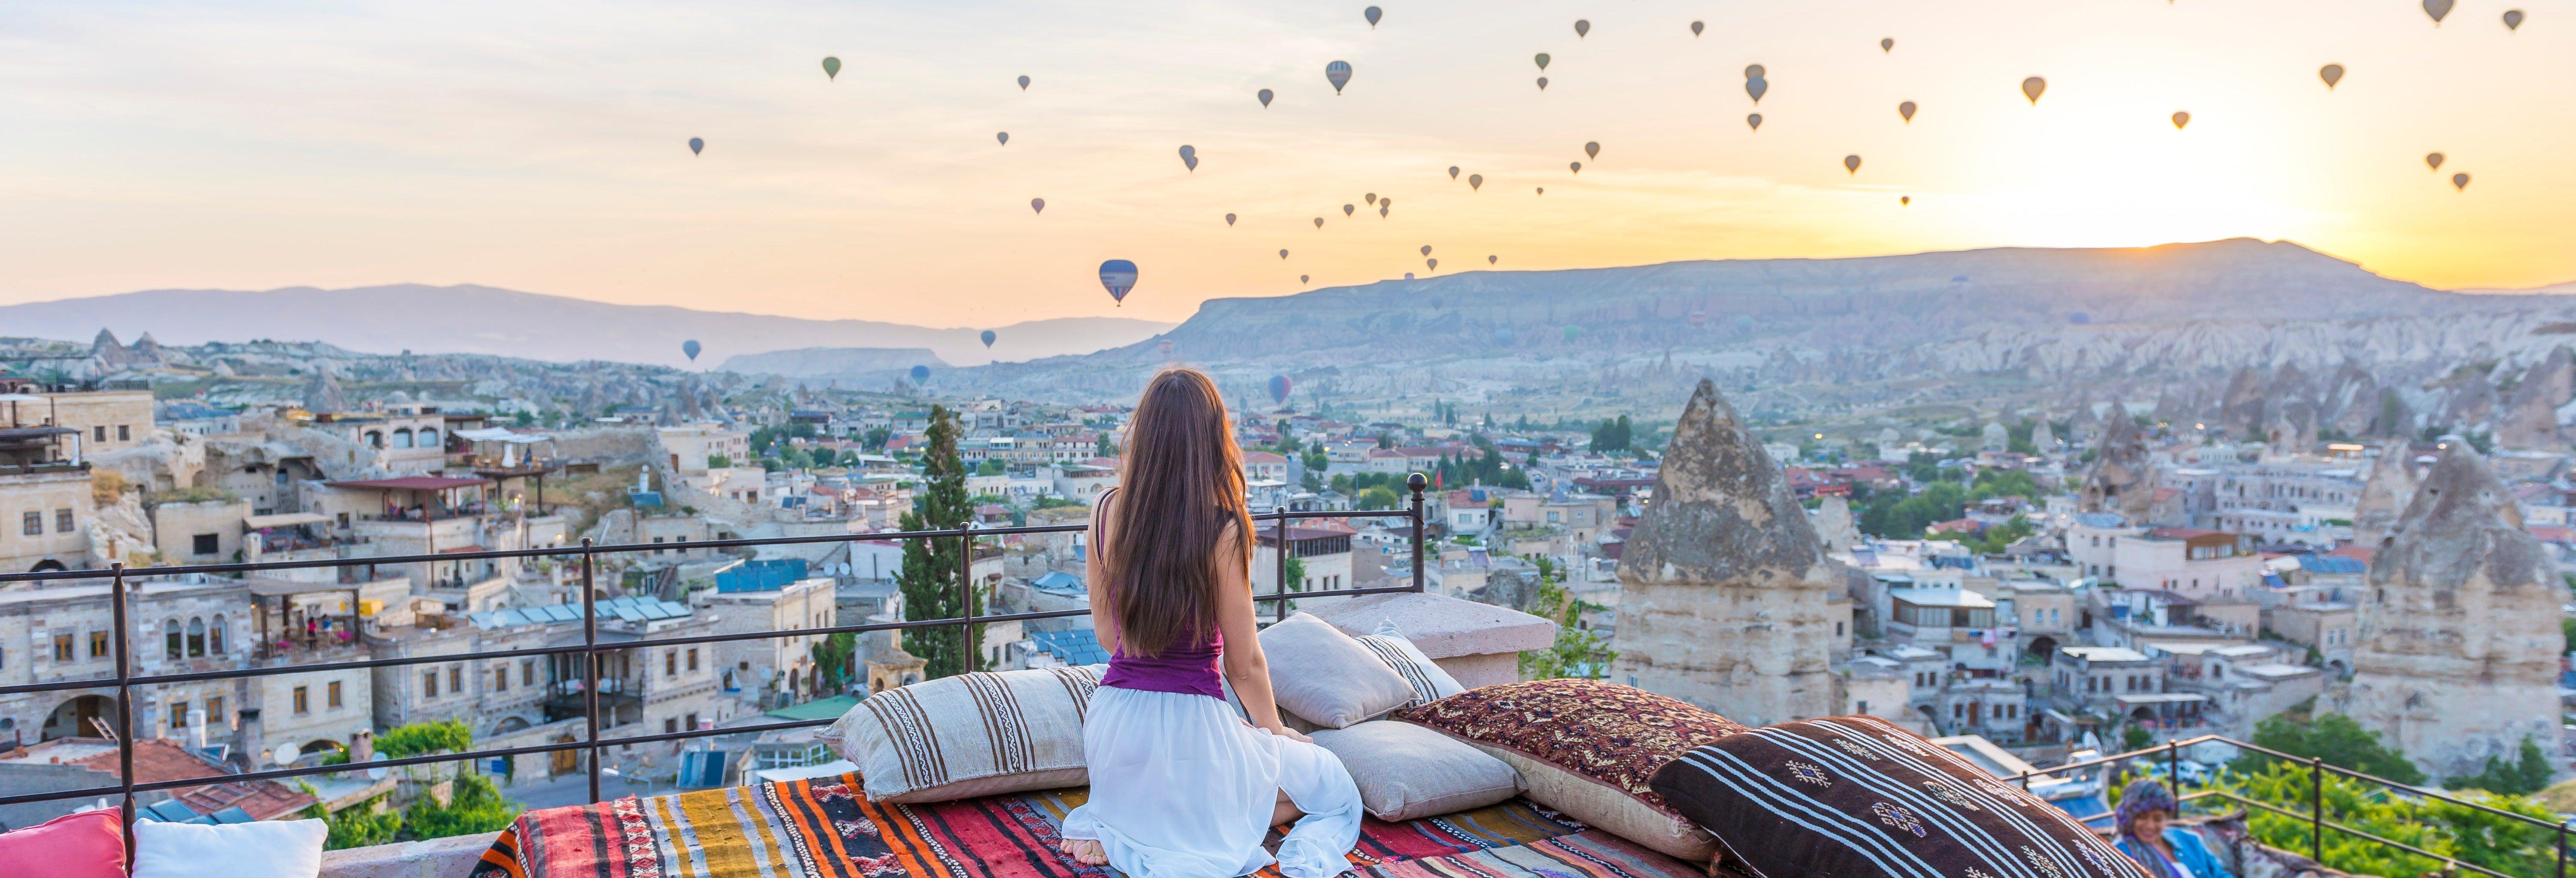 Tour de 7 dias pelo melhor da Turquia